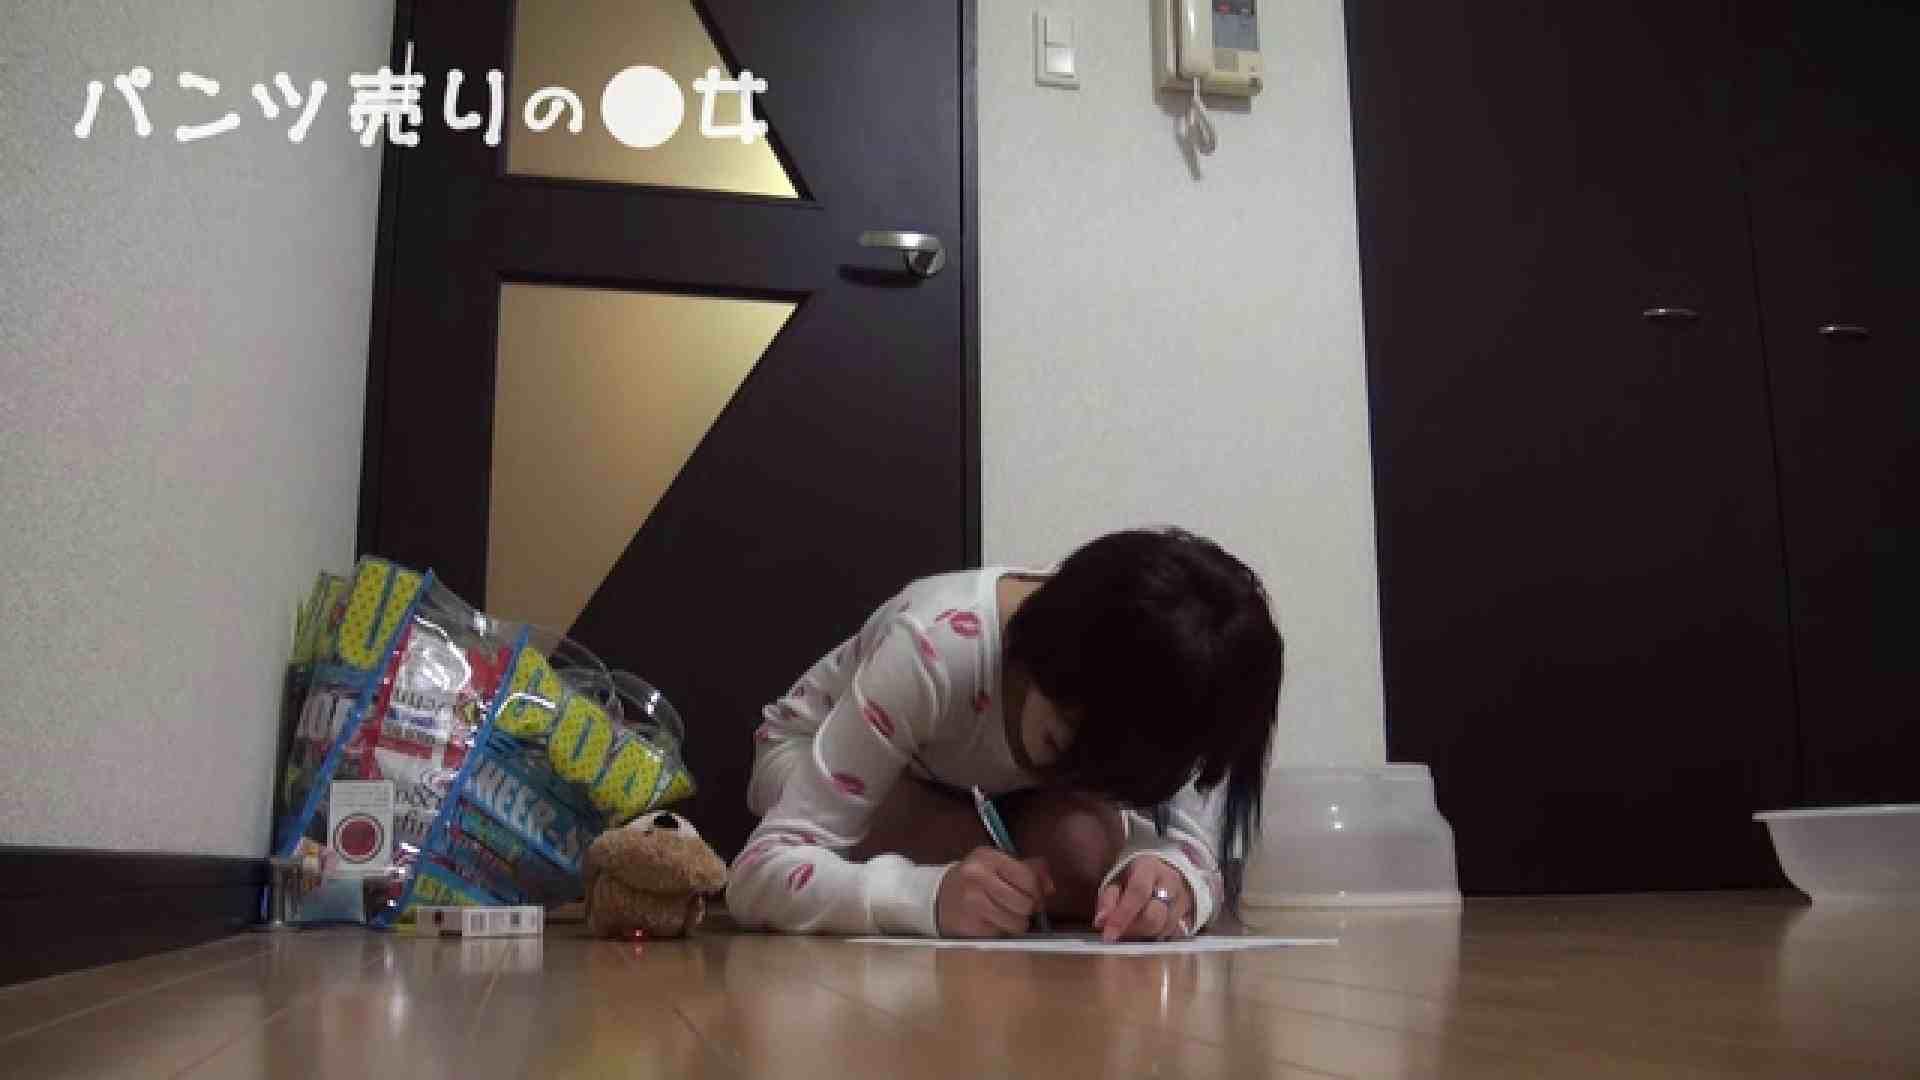 新説 パンツ売りの女の子nana 一般投稿  108枚 14